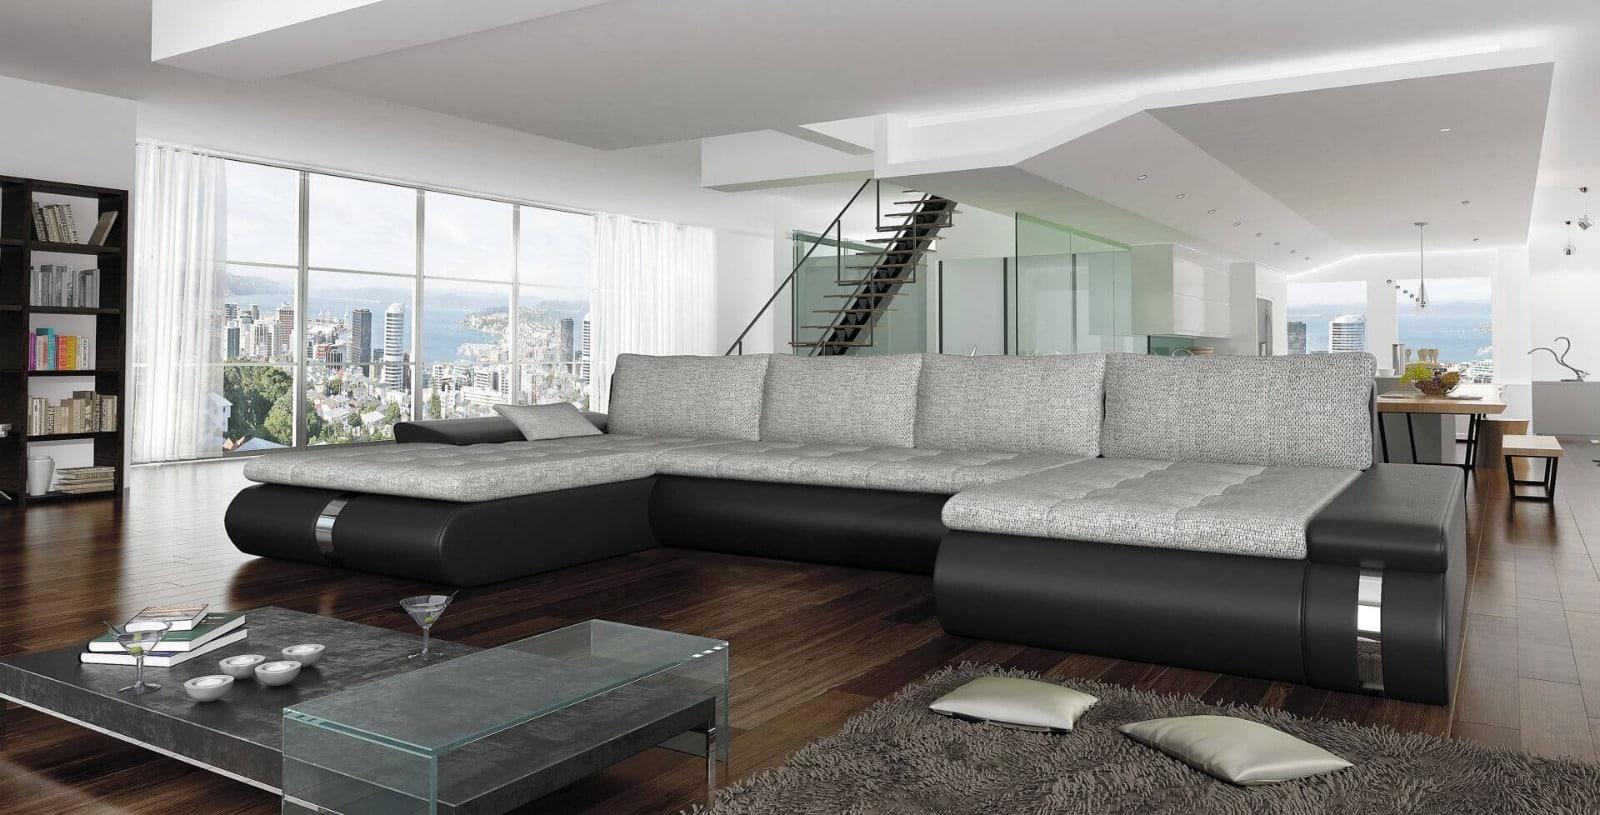 4 întrebări și tot atâtea răspunsuri utile pentru alegerea canapelei din living 5